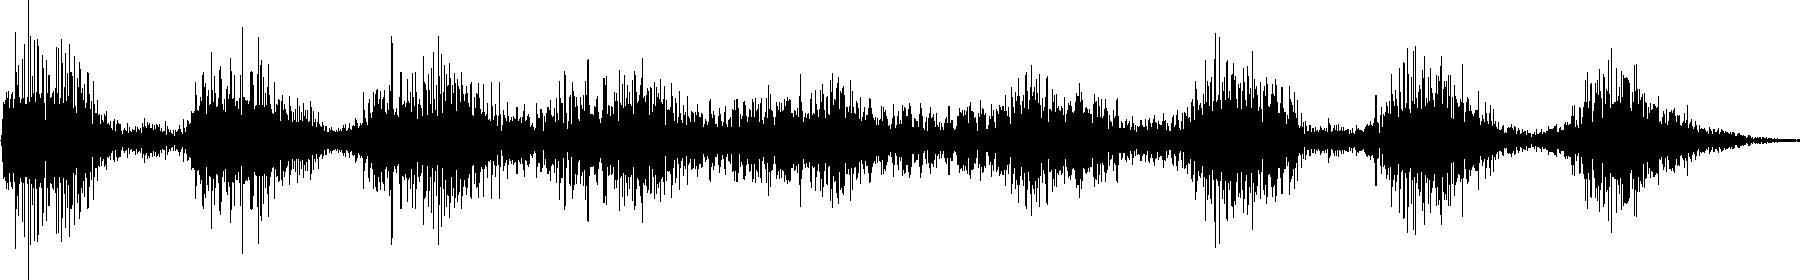 ps480 tr